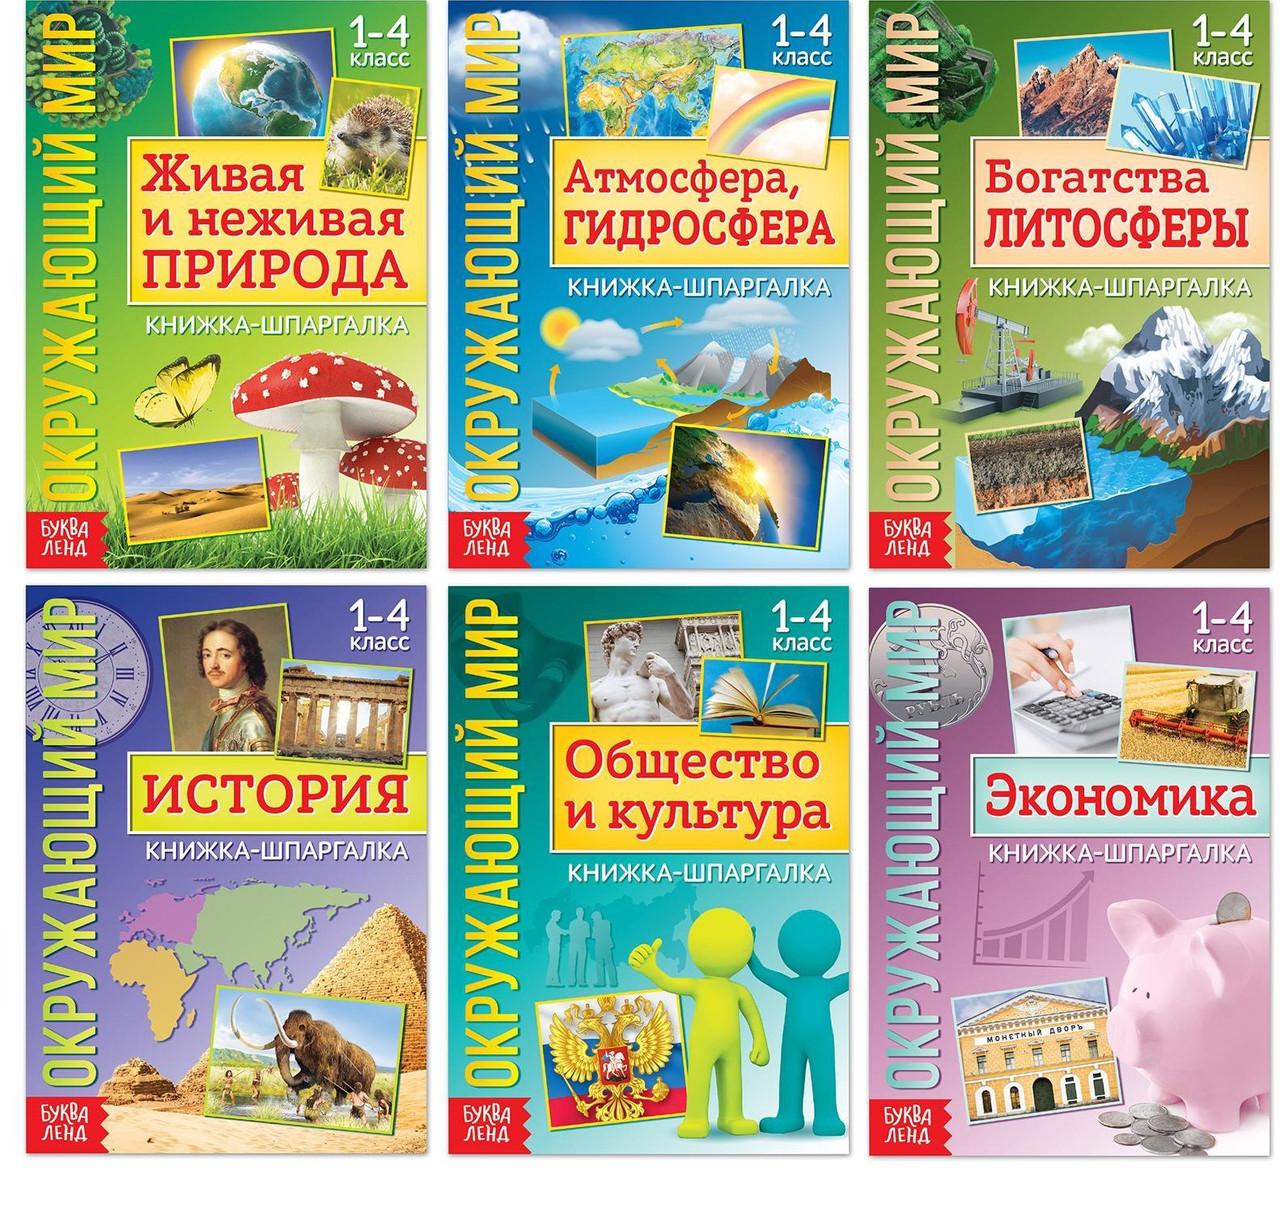 Книжки-шпаргалки набор «Знакомимся с окружающим миром», 6 шт. 18*12см